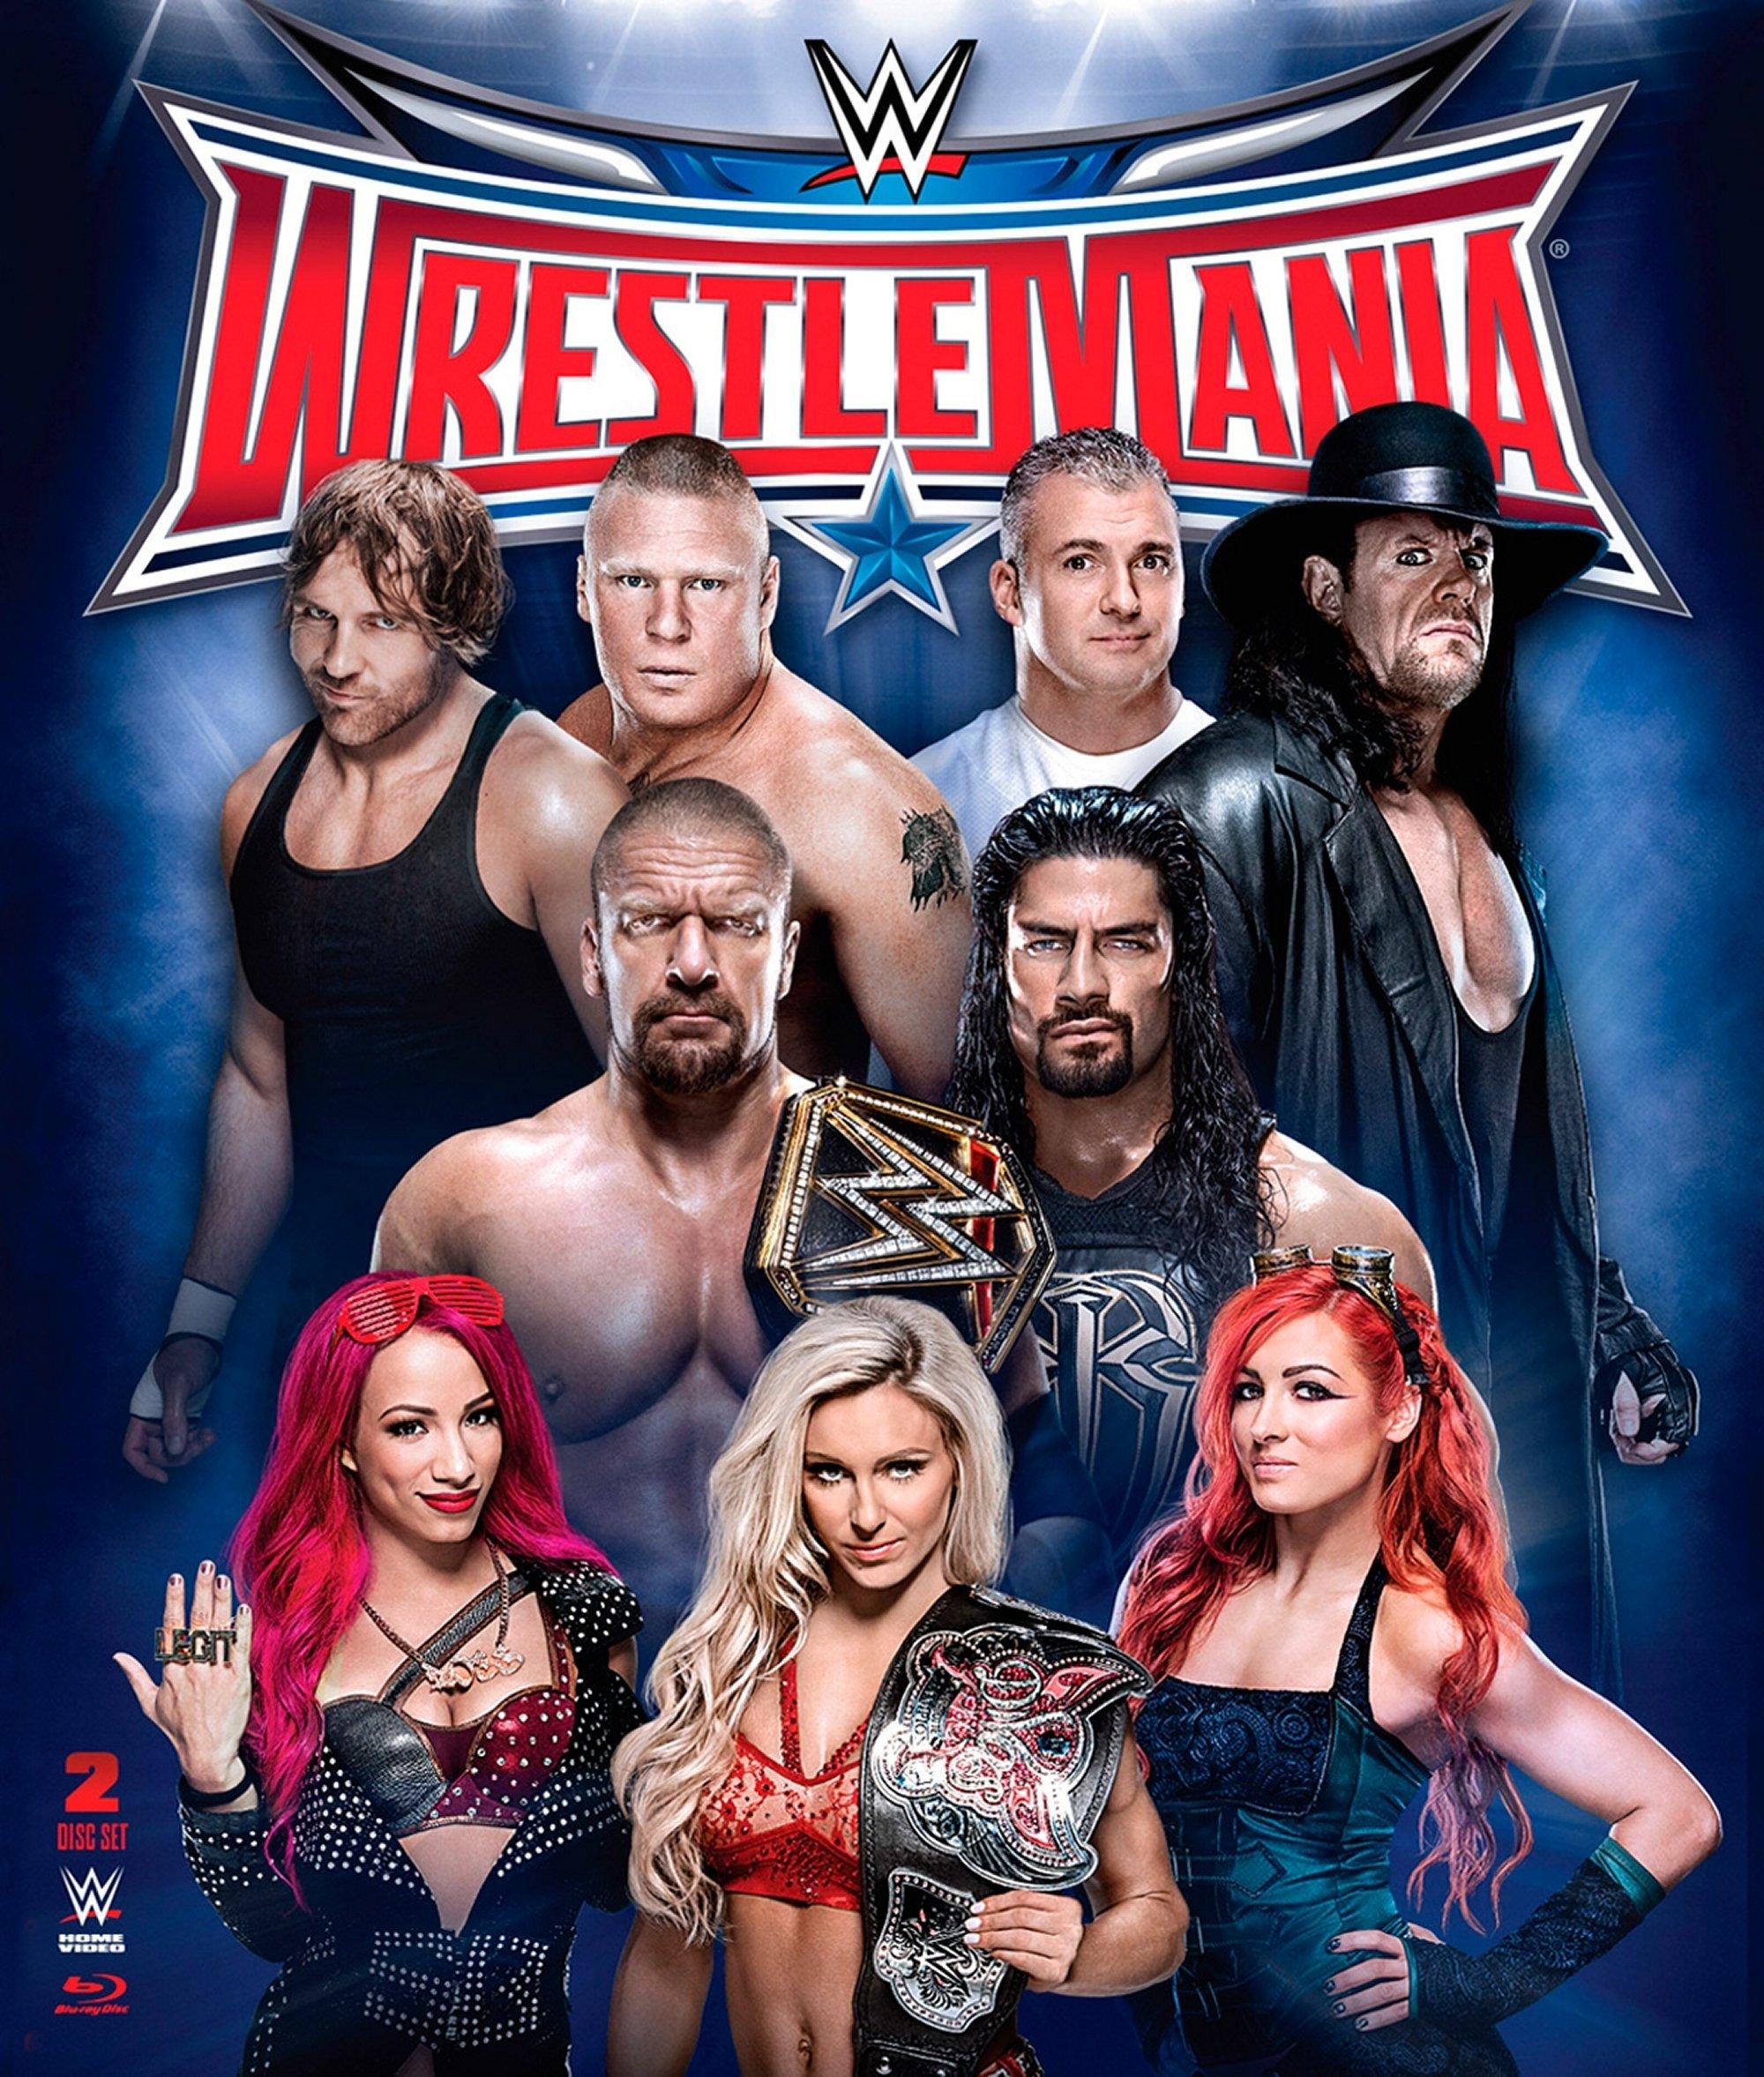 WWE: Wrestlemania XXXII